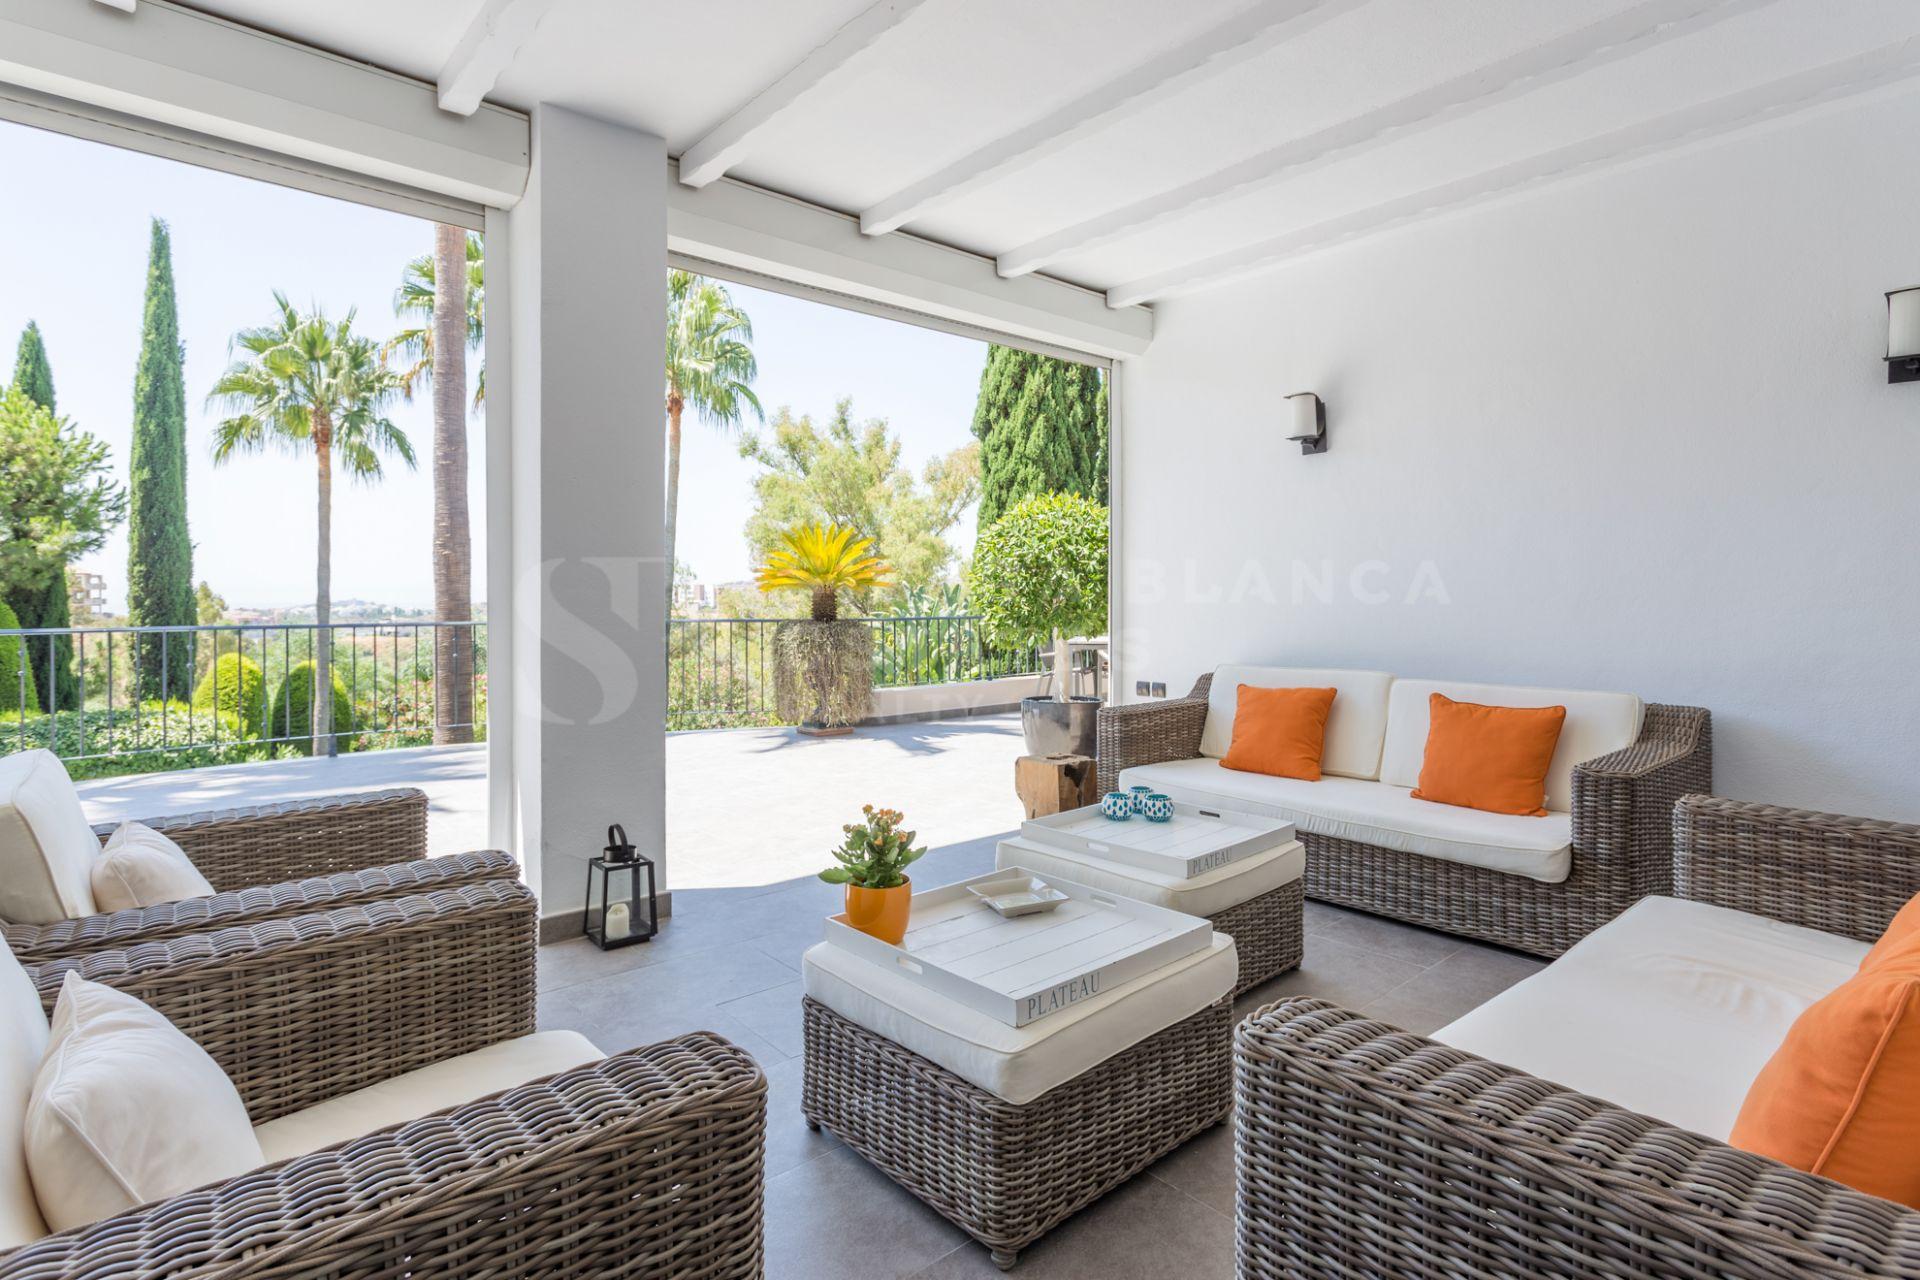 Preciosa villa de estilo andaluz en Puerto del Almendro